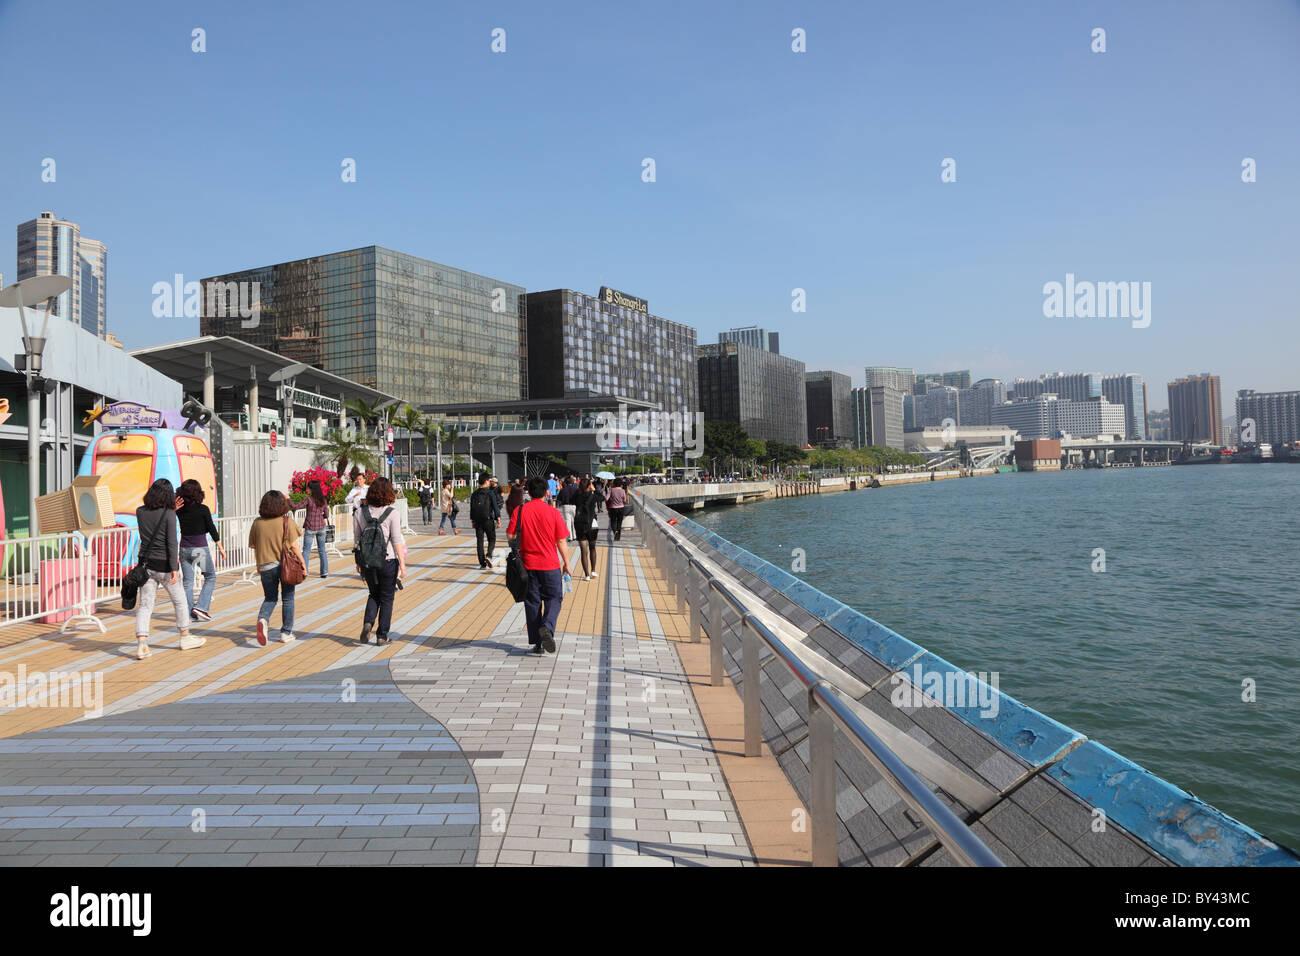 Viale delle Stelle in Hong Kong. Foto scattata al 5 dicembre 2010 Immagini Stock